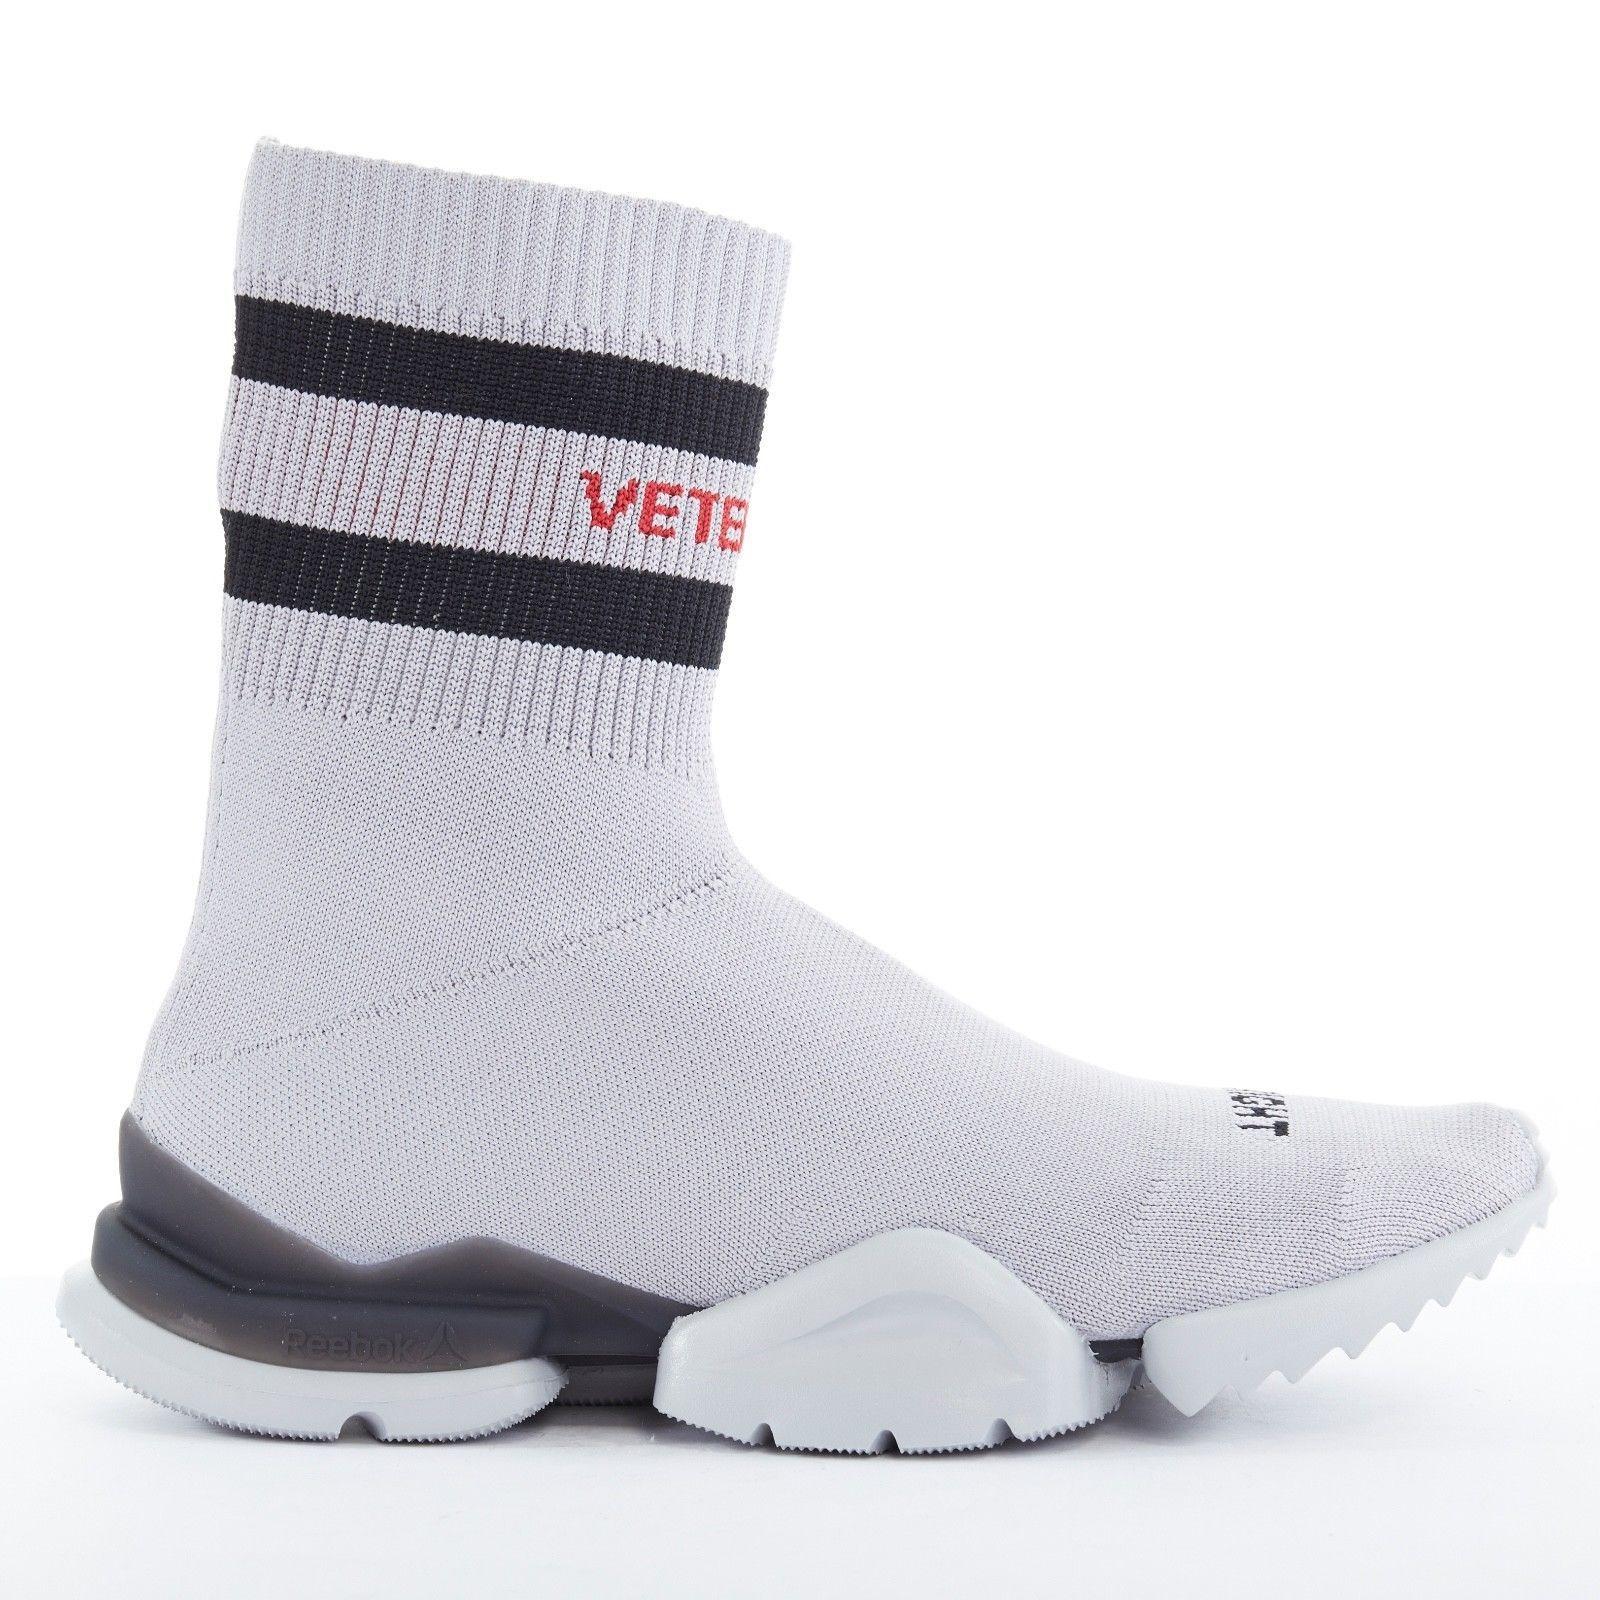 NUOVO vetements REEBOK Sock Runner Grigio CALZINO Knit velocità Trainer Scarpe da ginnastica EU41